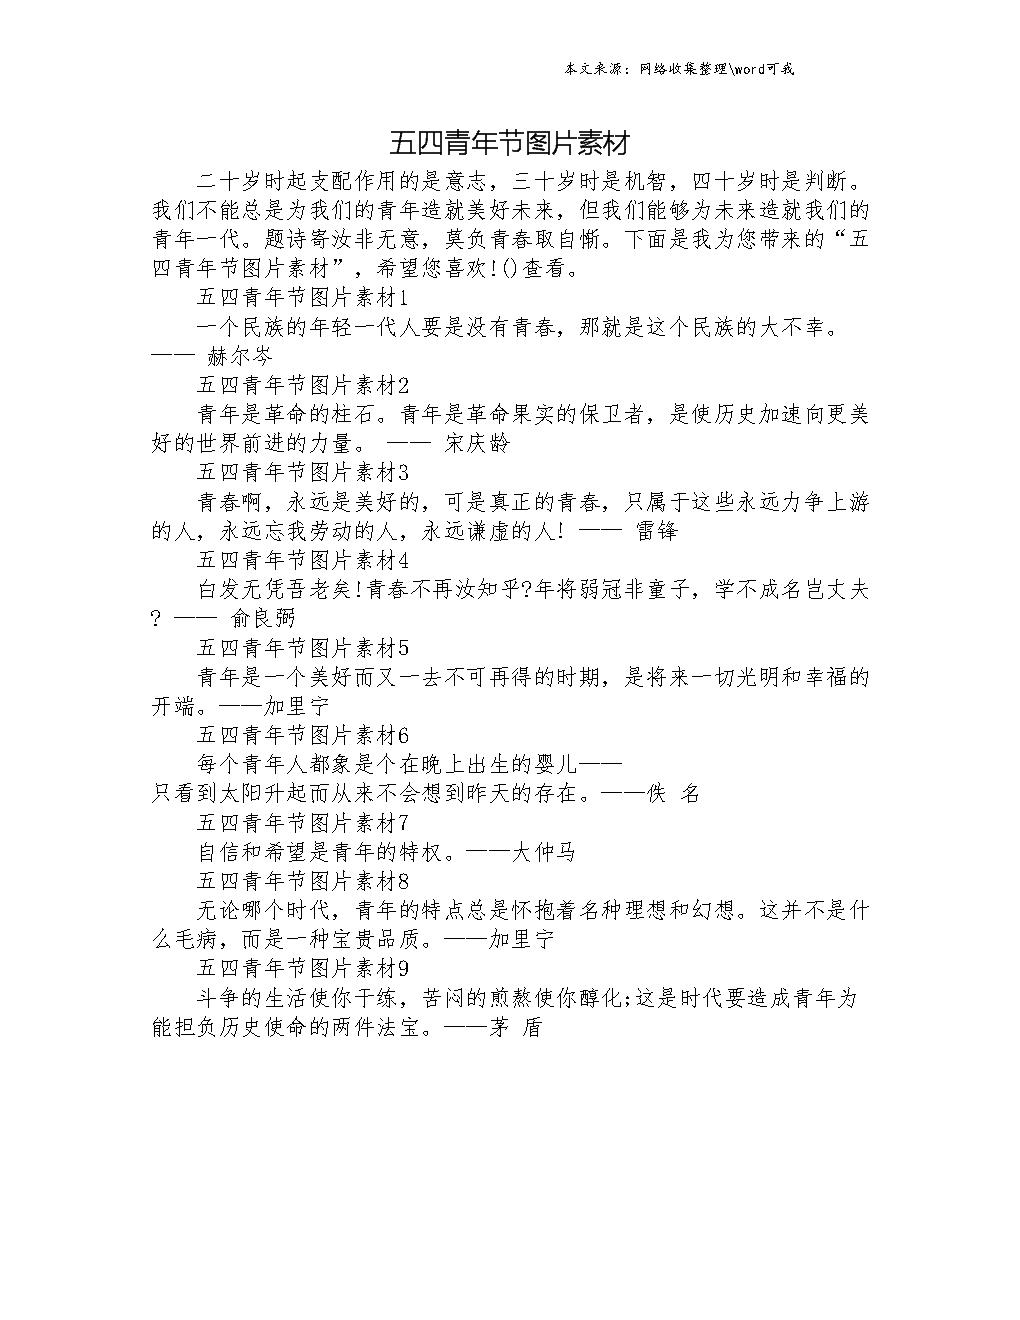 五四青年节图片素材 .doc